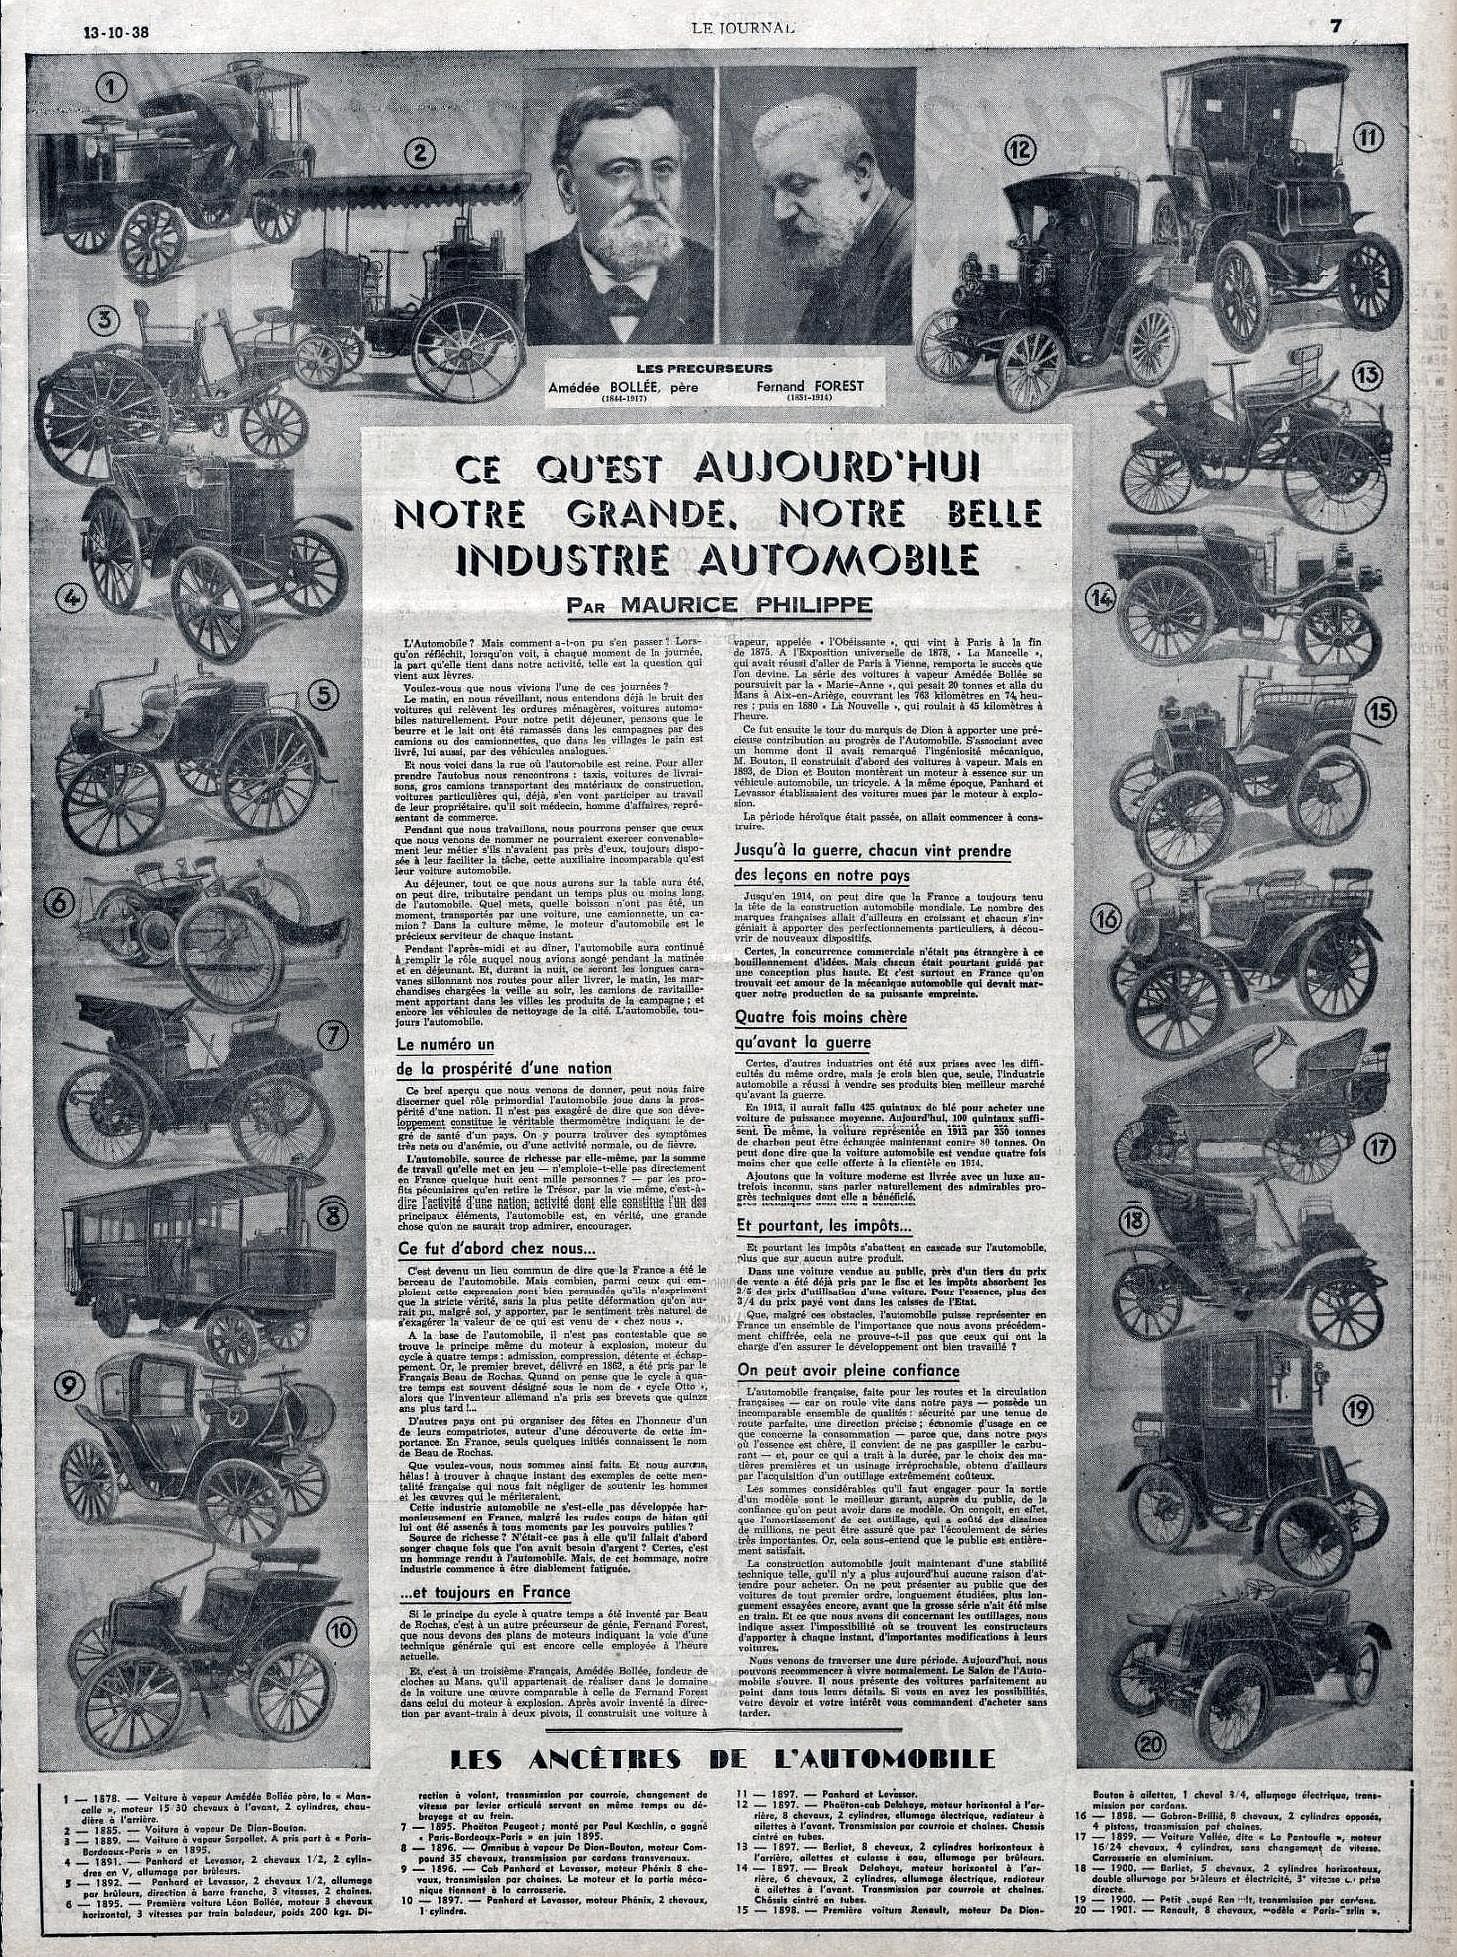 Radiateur Electrique Wikipedia dedans fichier:l'histoire de l'automobile française illustrée de 1878 à